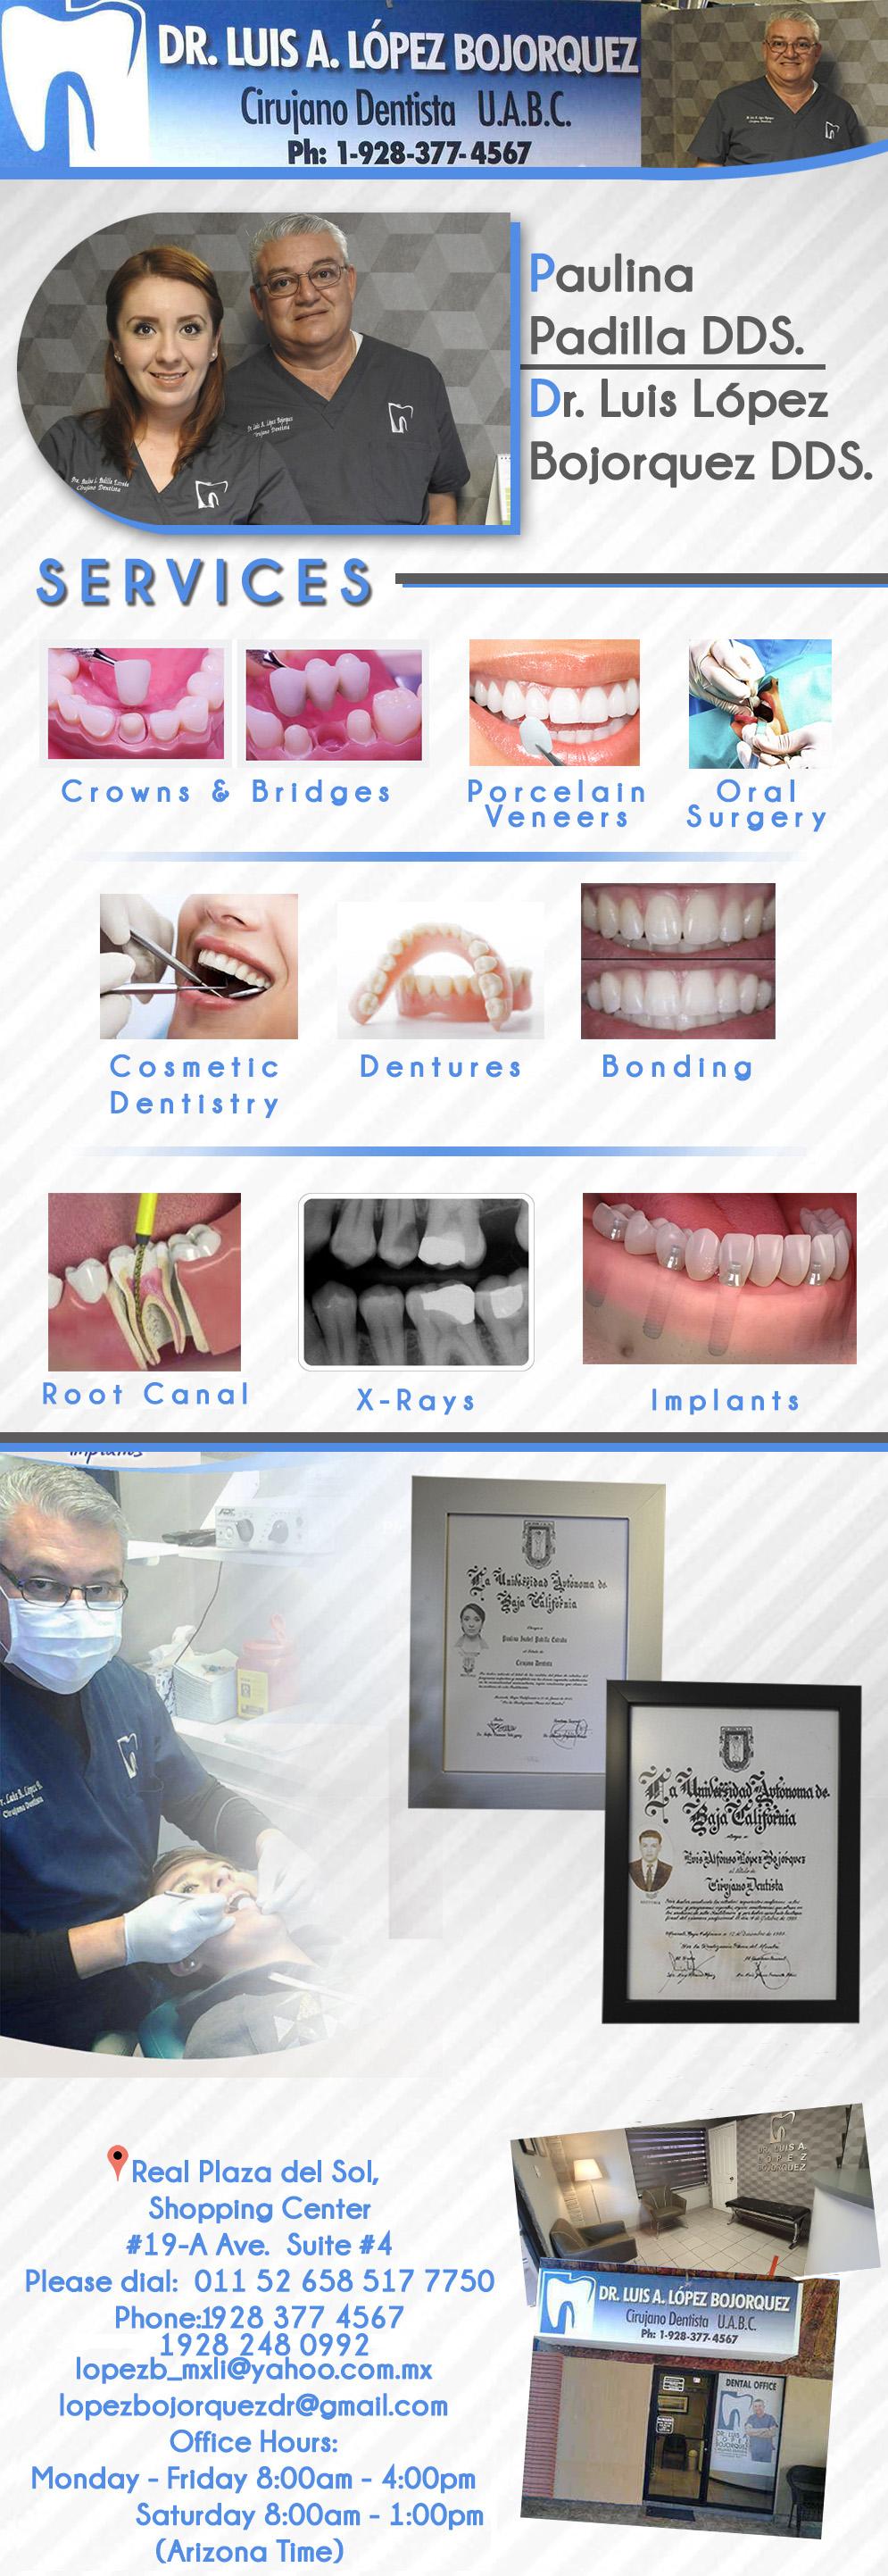 DR. LUIS A. LOPEZ BOJORQUEZ in Algodones  in Algodones  CIRUJANO DENTISTA UABC           dr luis lopez bojorquez cirujano dentista uabc dentist algodones drs doctores medicina cosmetic dentistry crowns